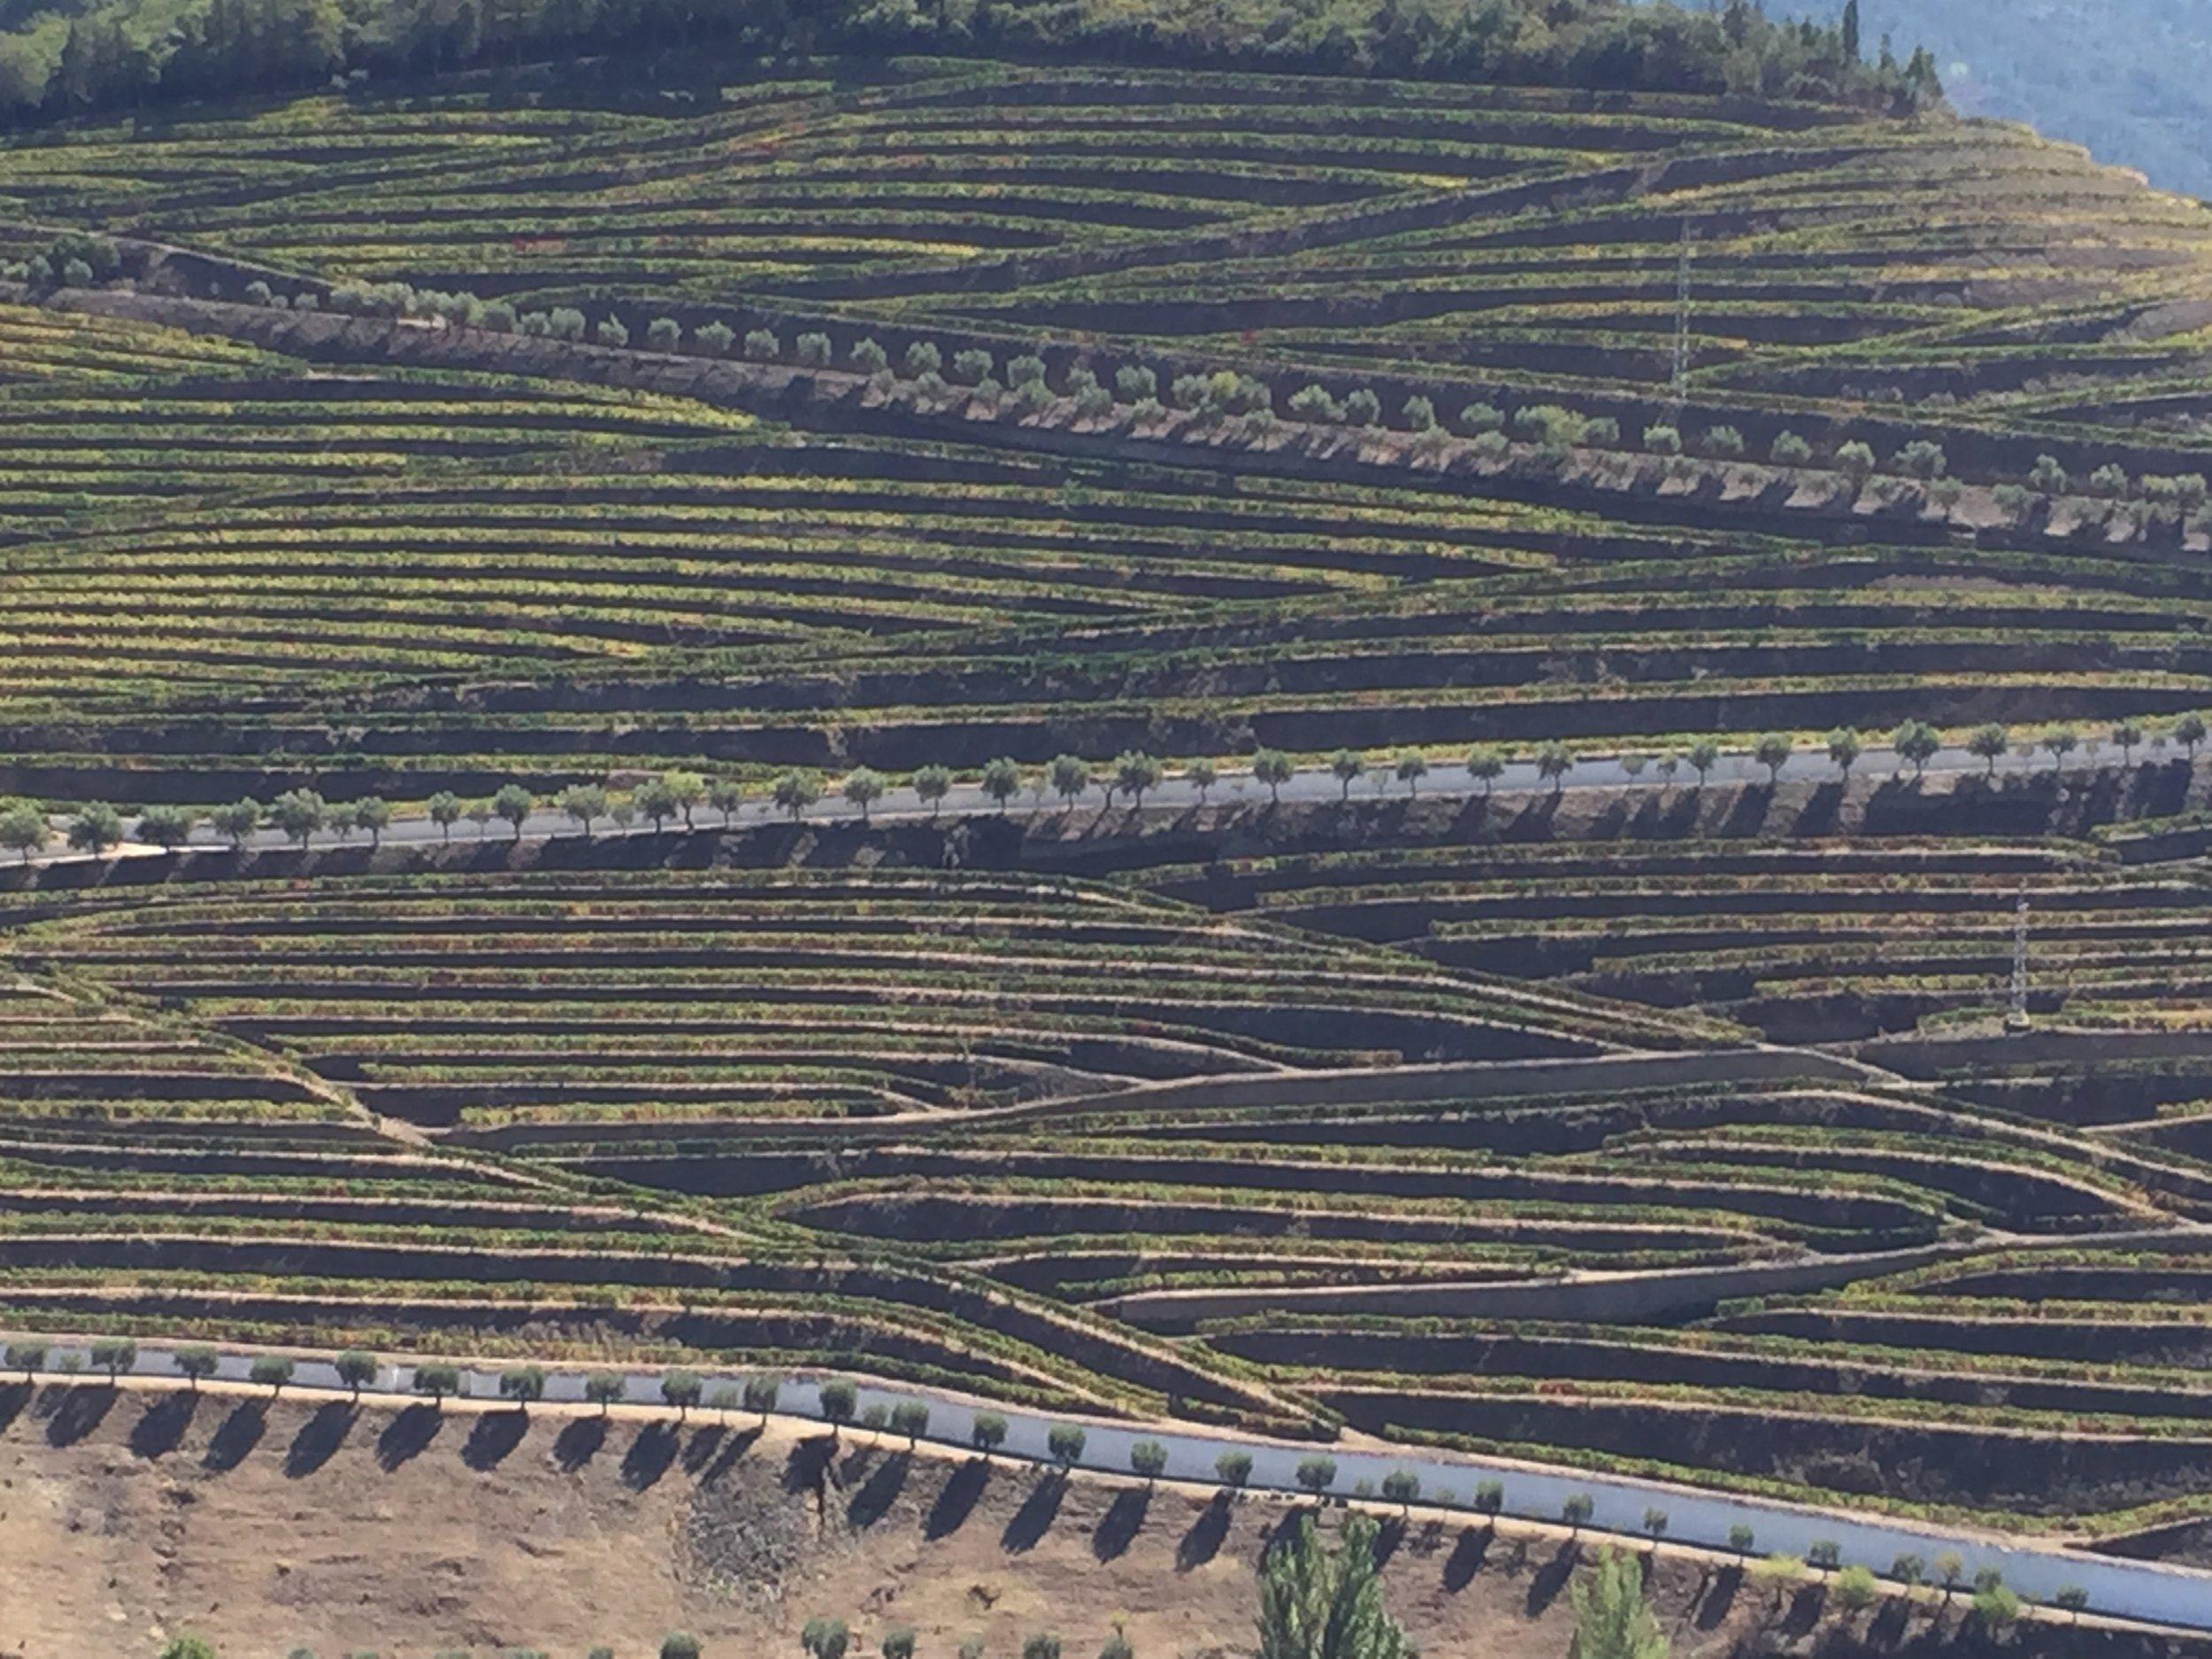 la mosaïque de vignobles, des oliviers et des sentiers.